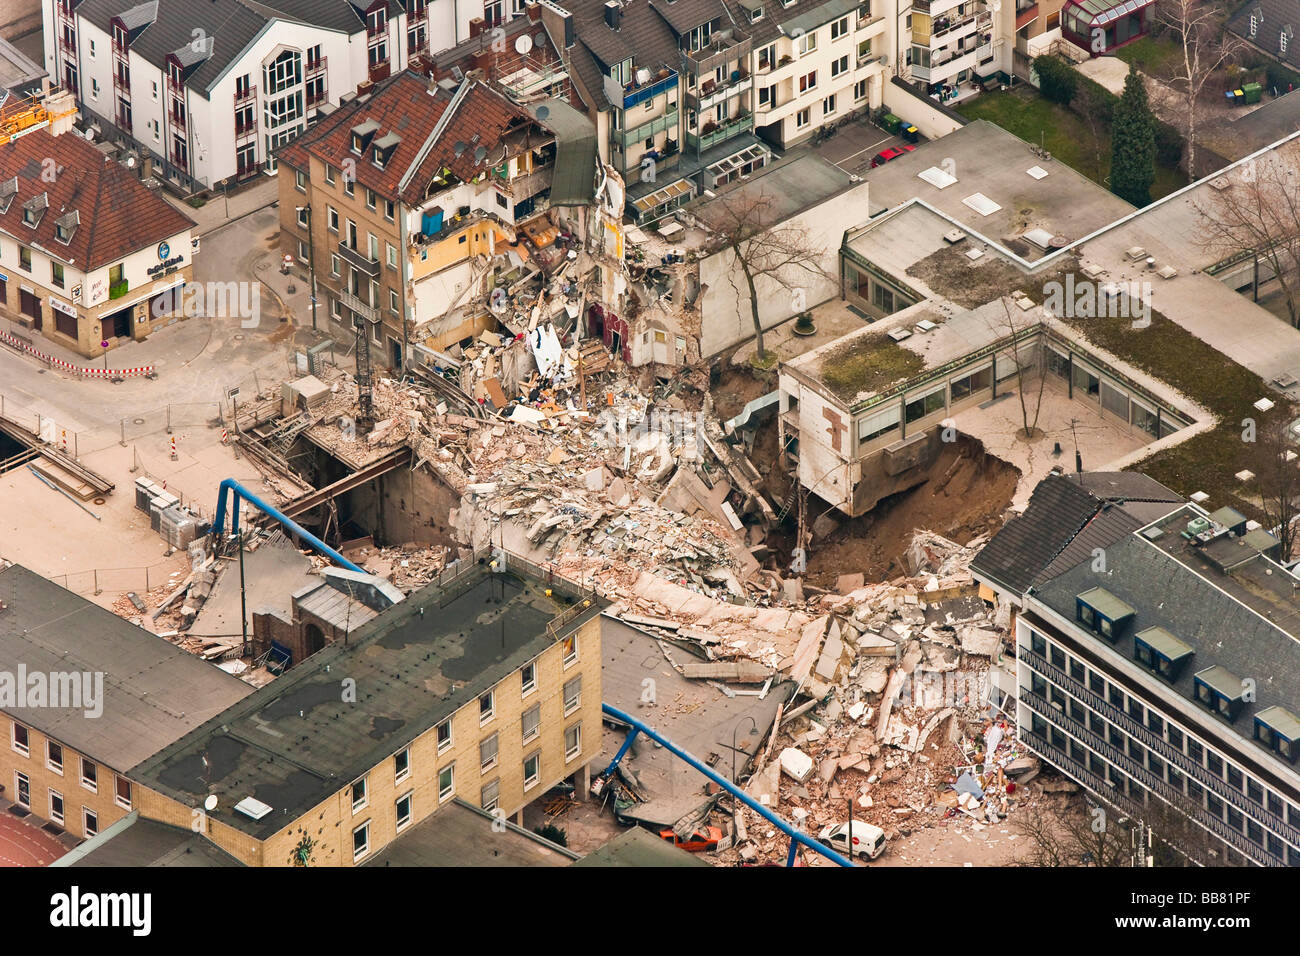 Vista aerea, crollo dell'archivio storico della città di Colonia, Colonia, nella Renania settentrionale Immagini Stock